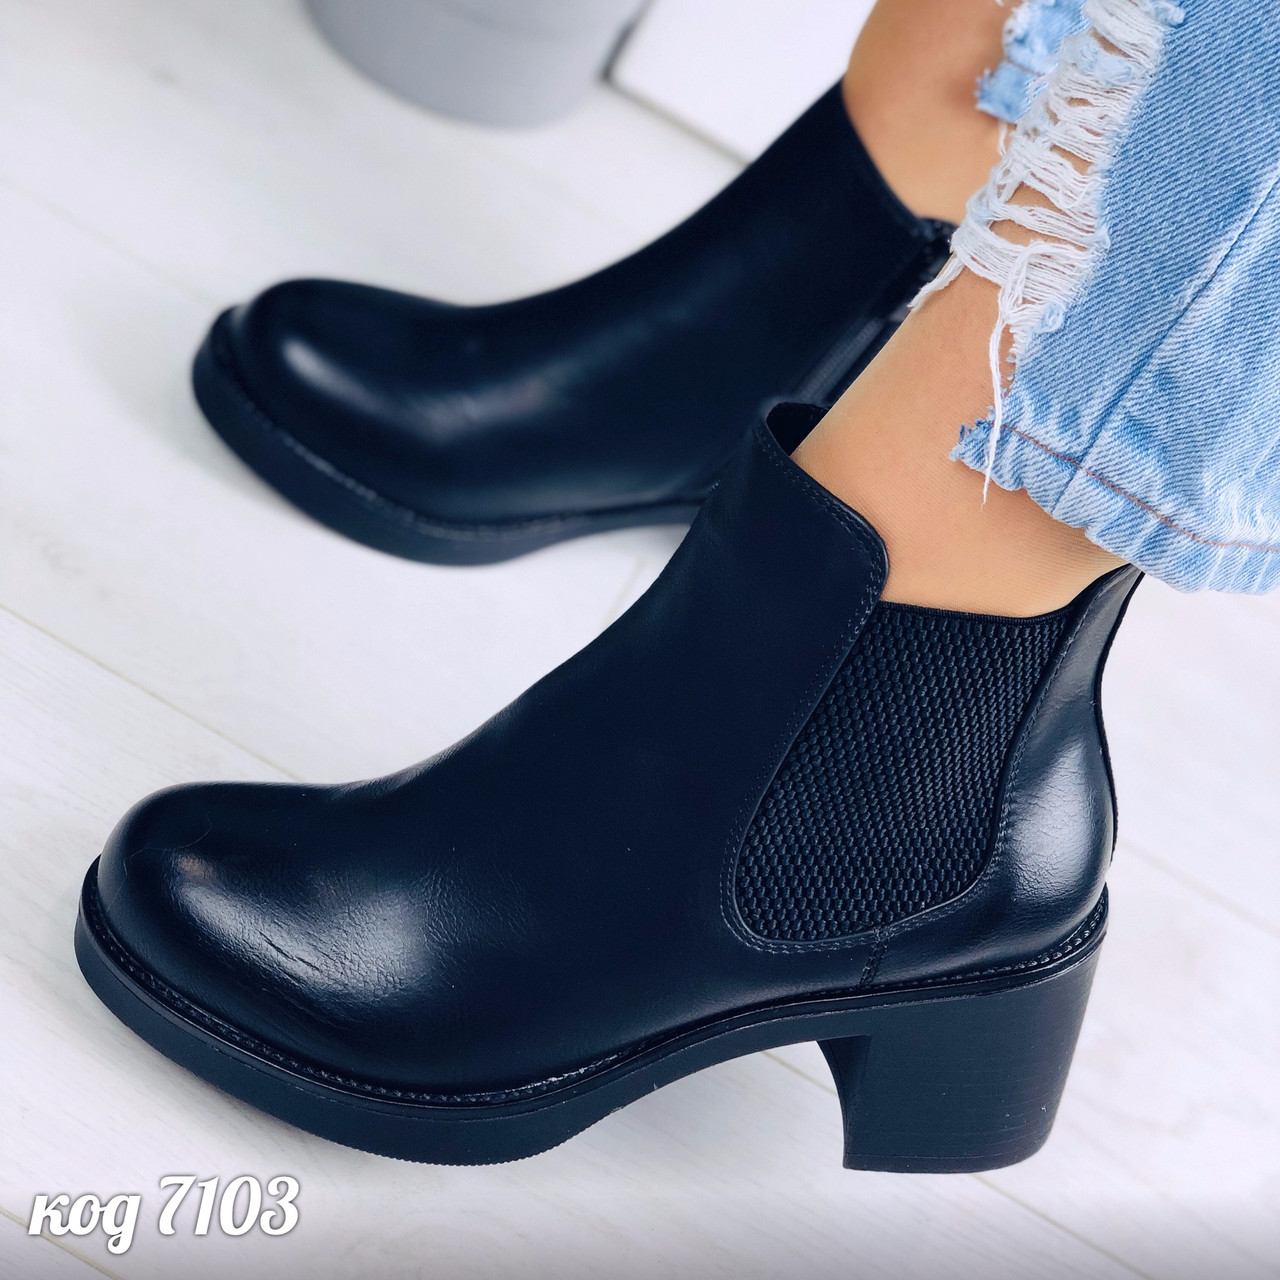 Полусапожки ботильоны ботинки женские на среднем каблуке демиисезонные